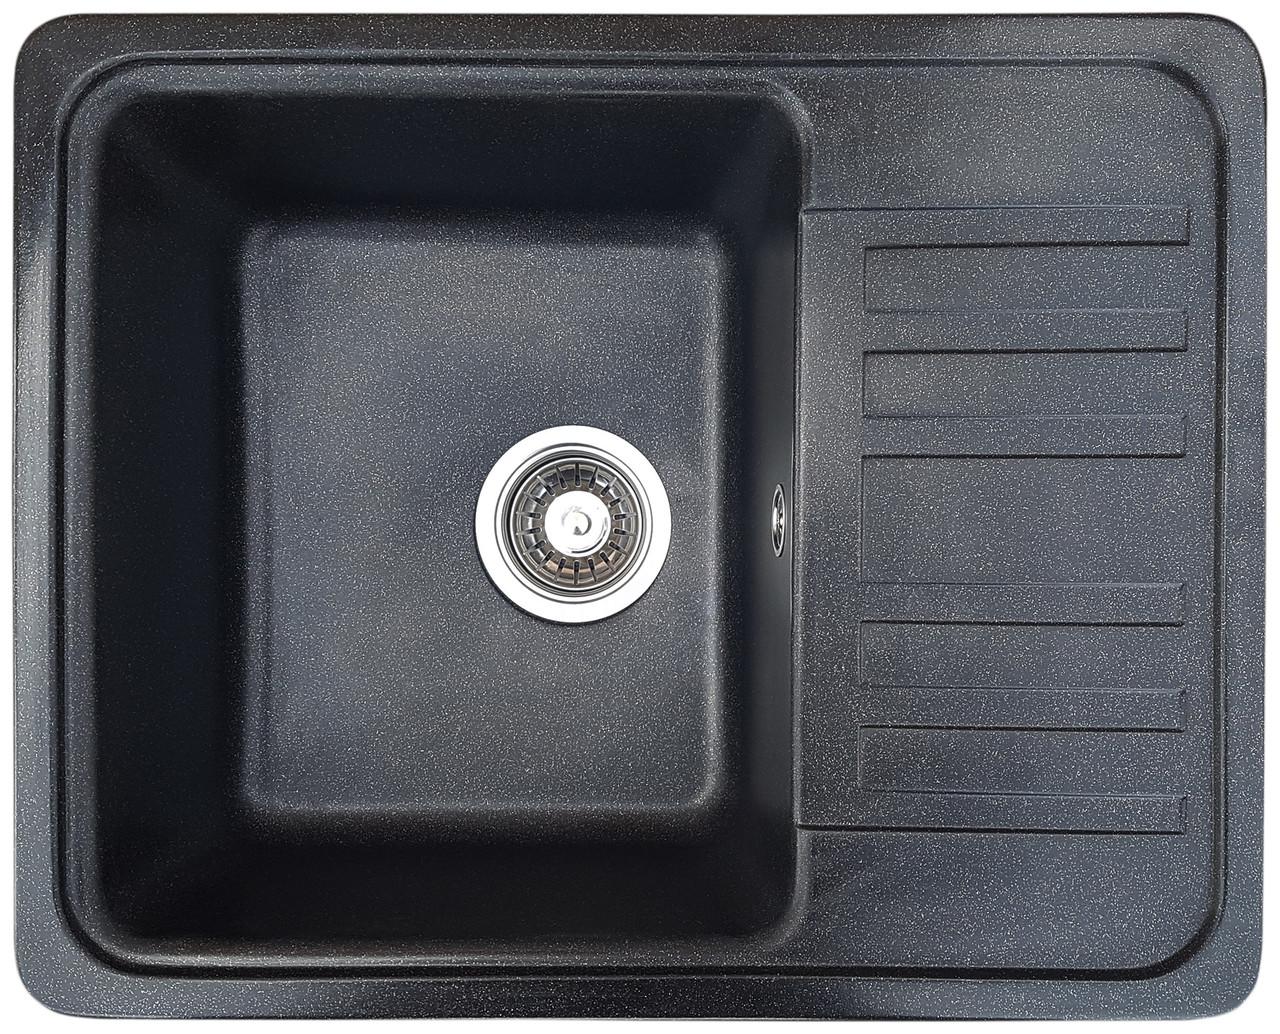 Гранитная мойка Valetti Europe модель №9 черная 57*46